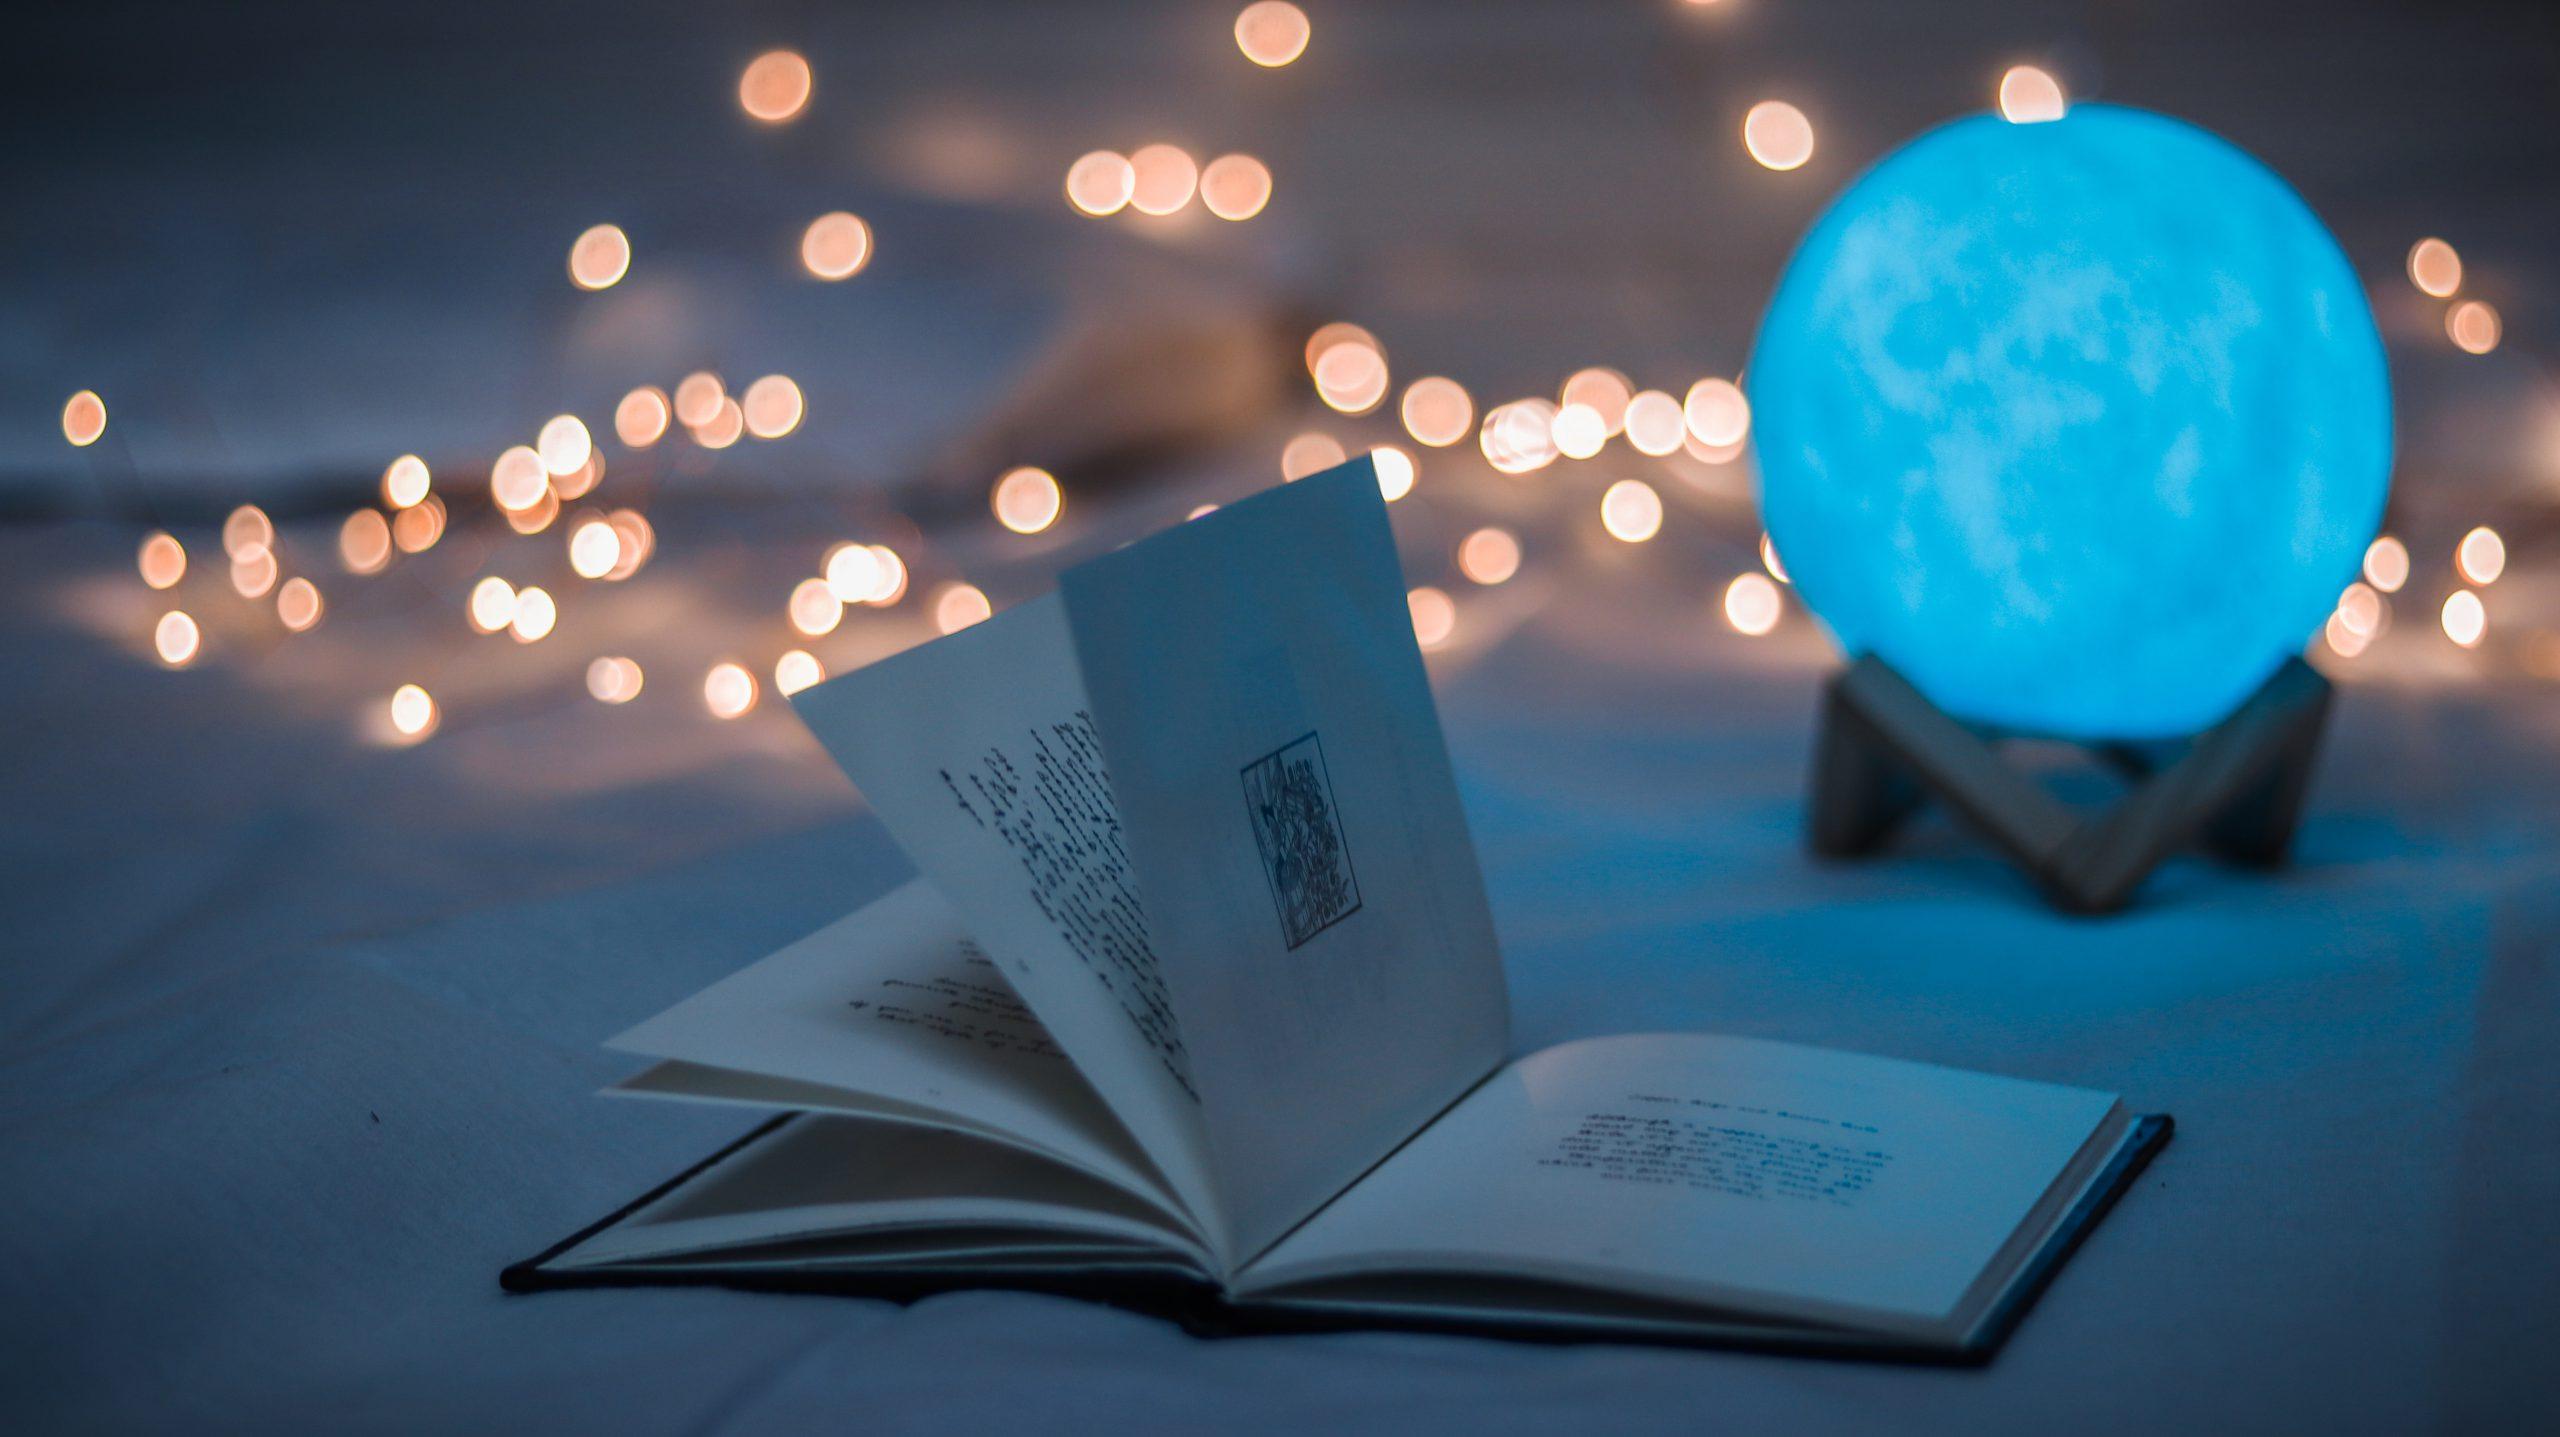 出版市場持續萎縮,出版社如何投入數位轉型?